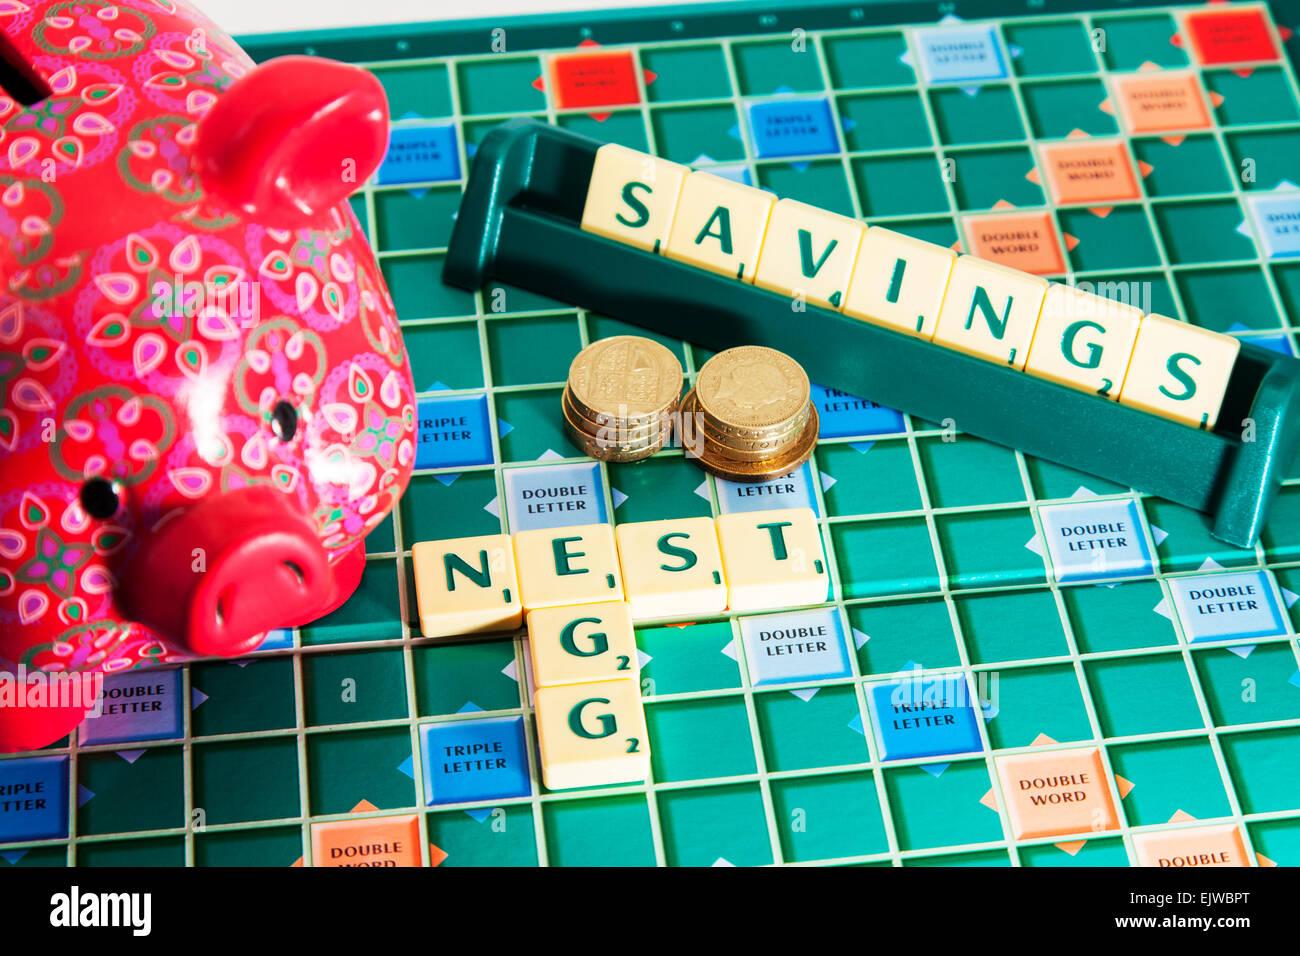 Sparschwein Notgroschen sparen Geld Rente Zukunft sparen bares Wörter mit Scrabble tiles buchstabieren, Nest, Stockbild